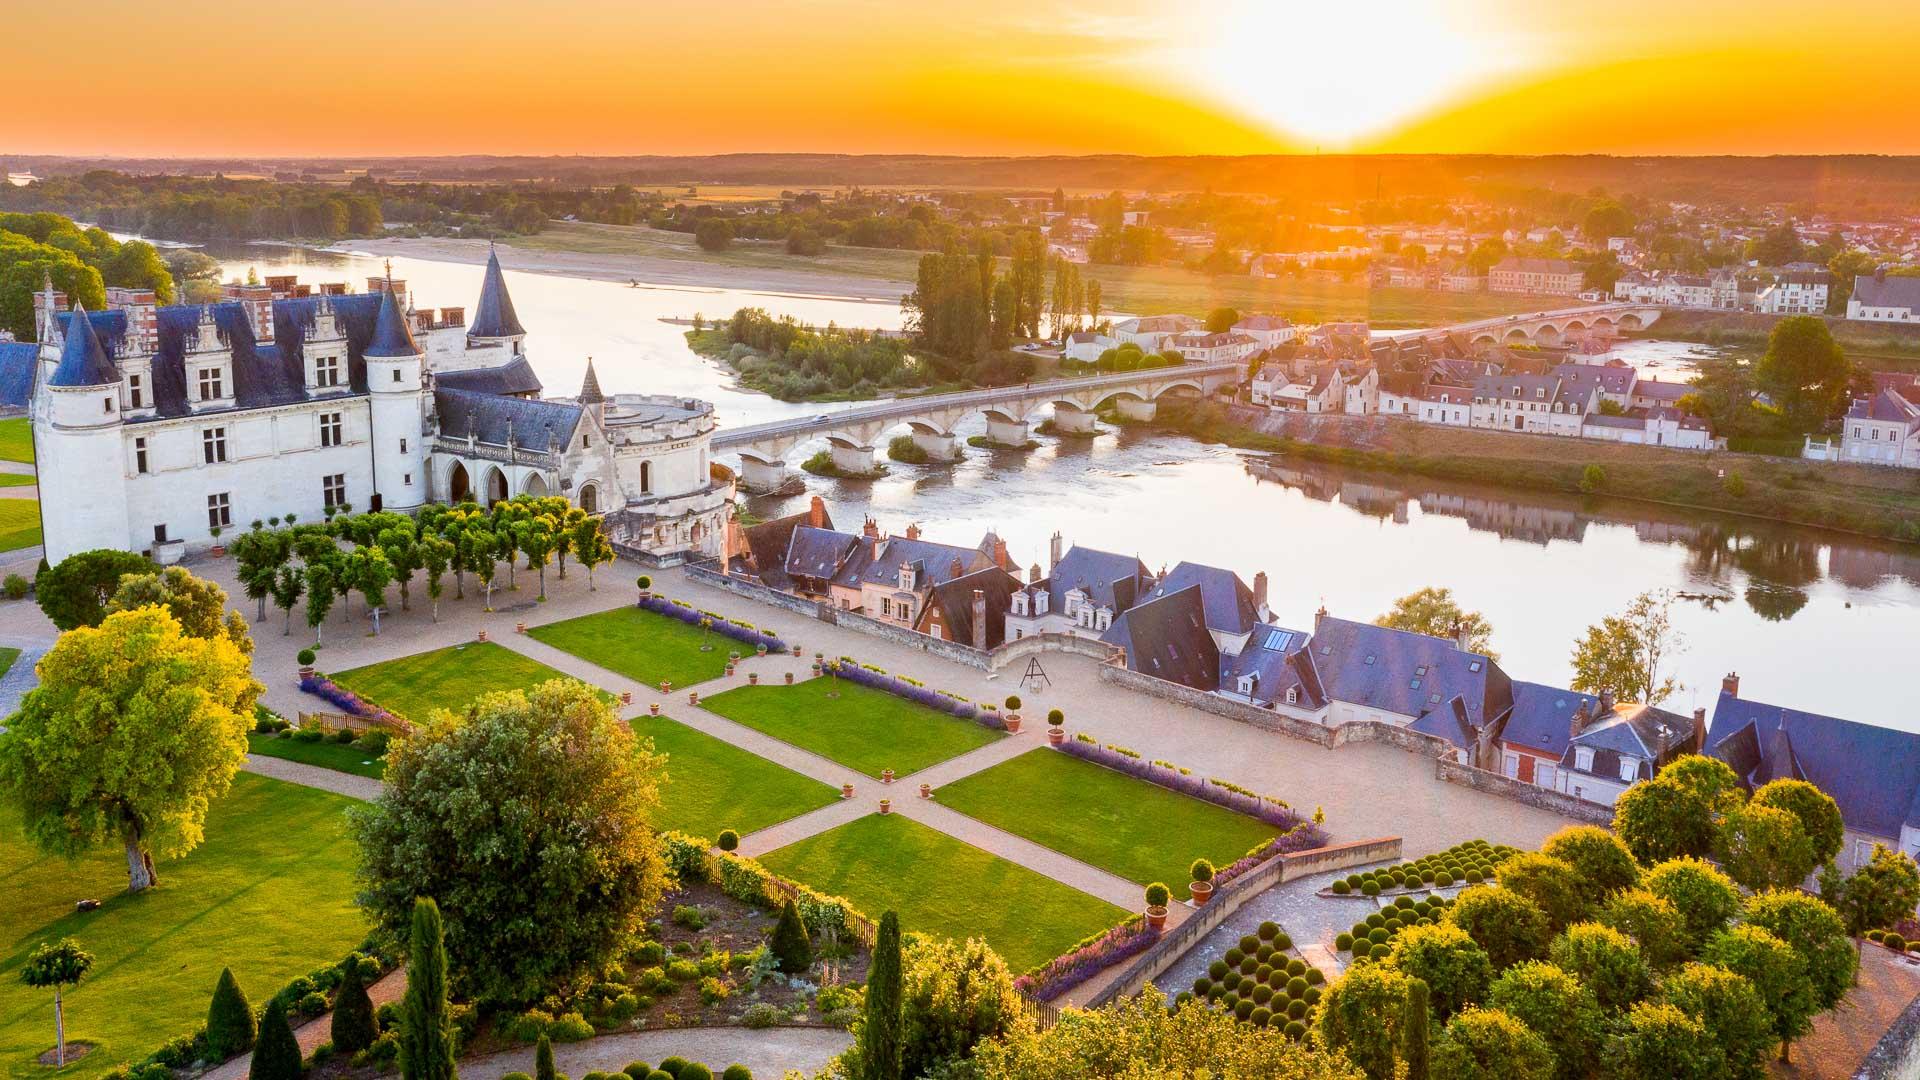 Le château royal d'Amboise, refuge LPO.